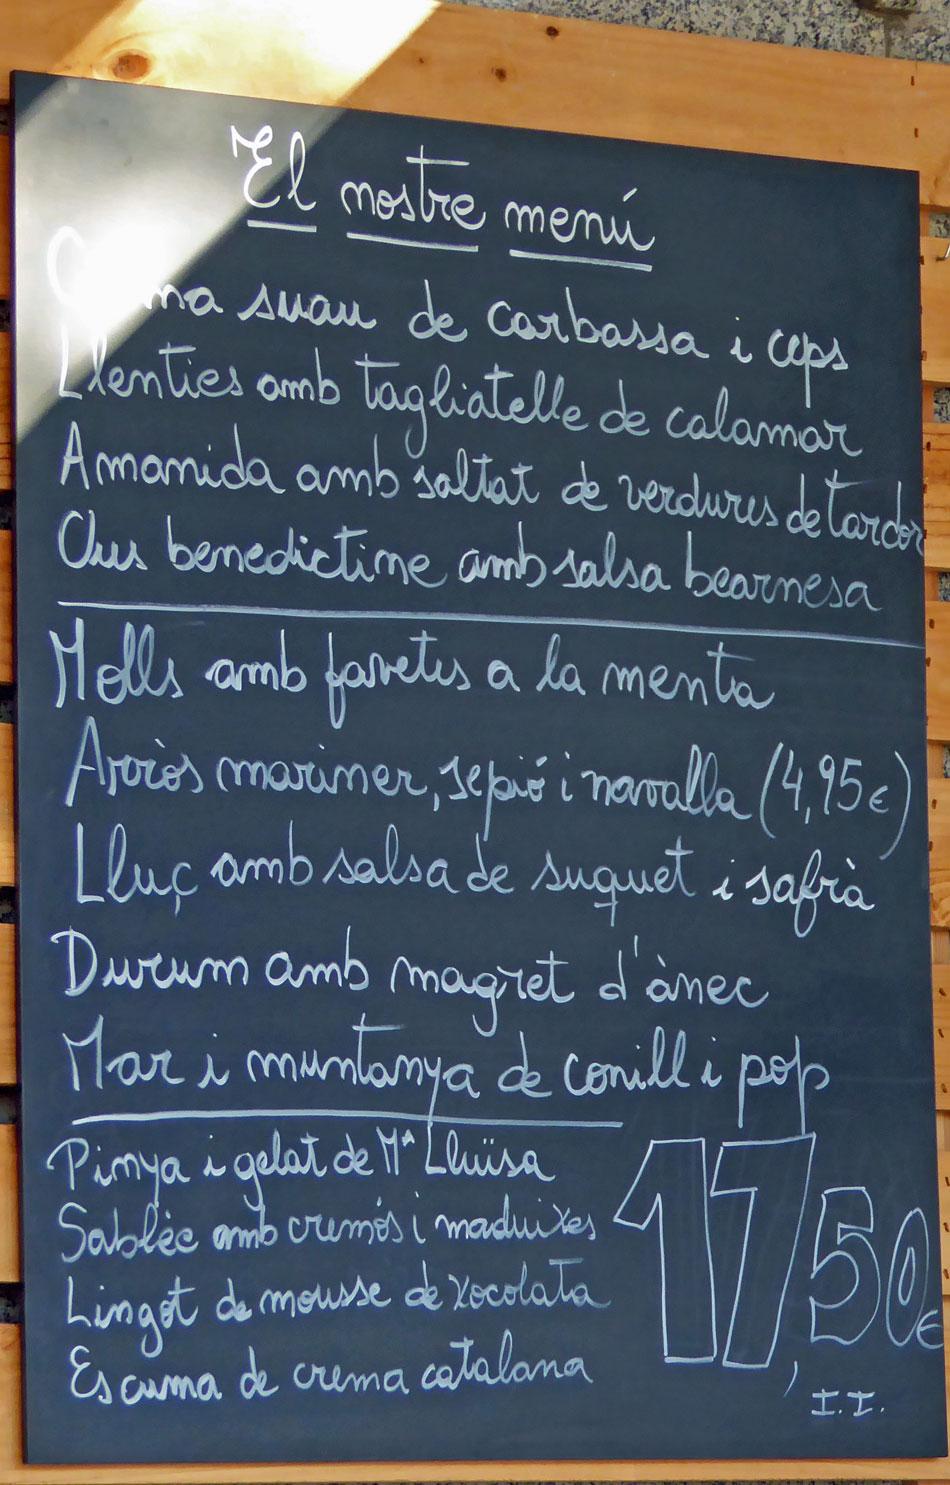 La mar Salada Pizarra del Menú de la semana